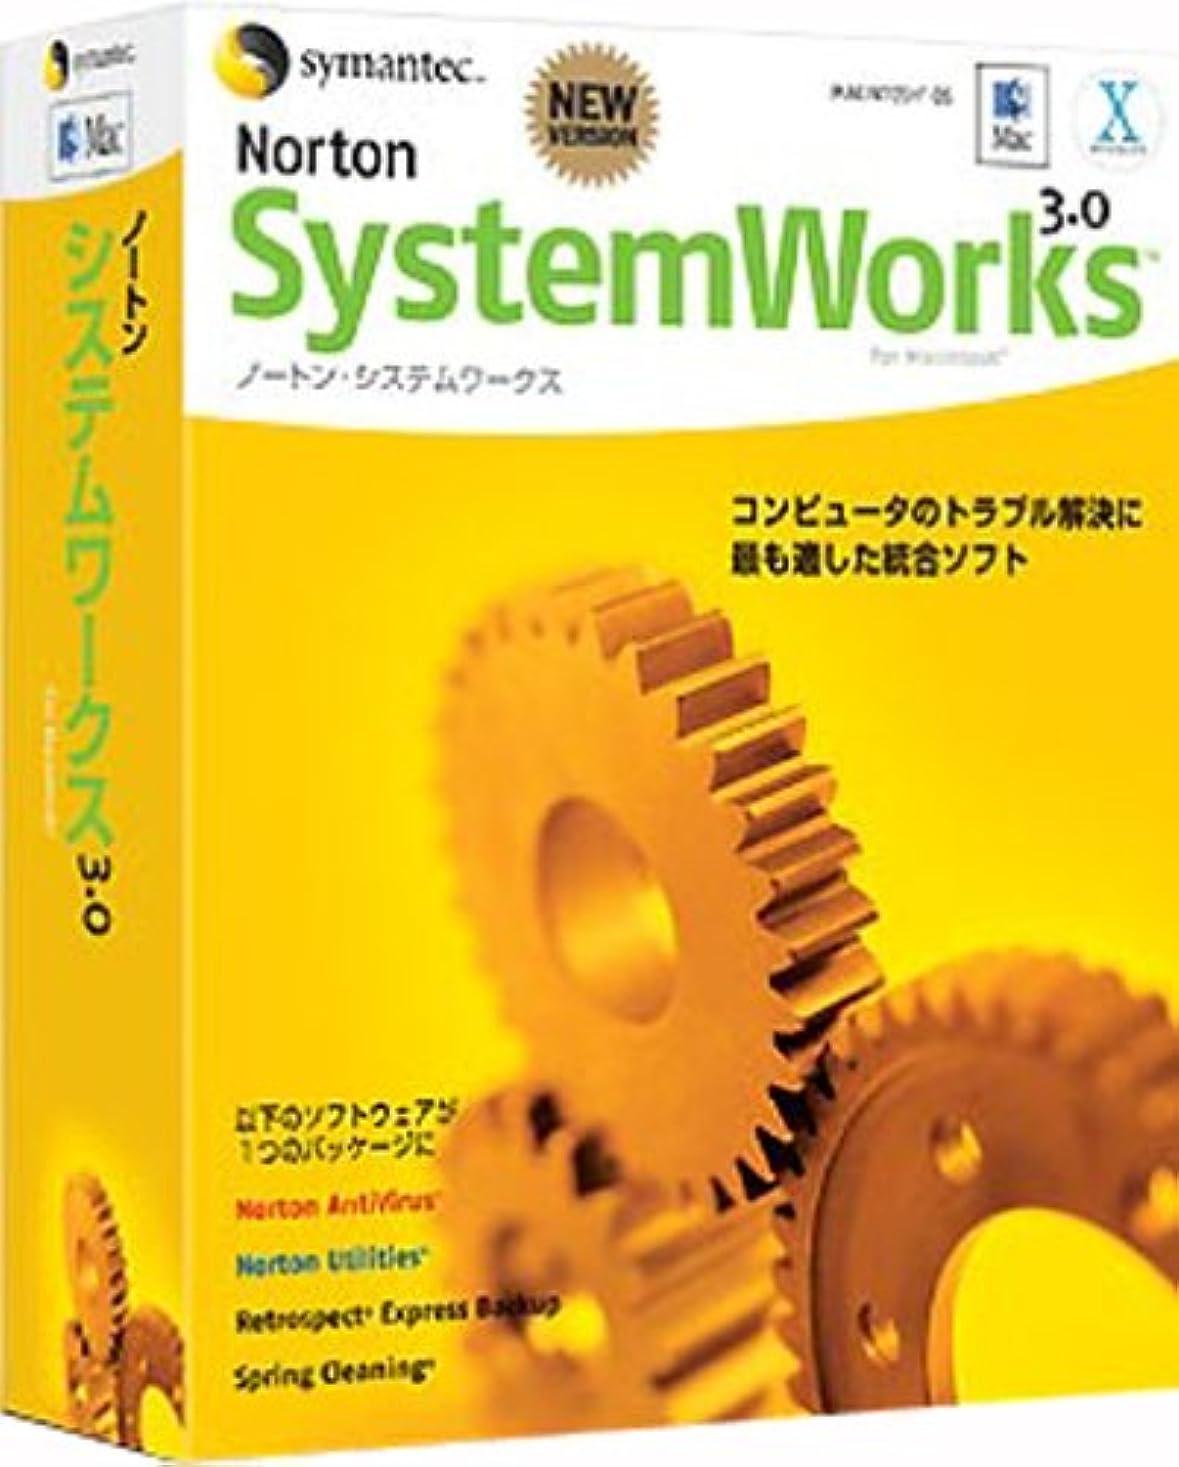 メルボルンシャイニング薬局【旧商品】Norton SystemWorks for Macintosh Ver3.0